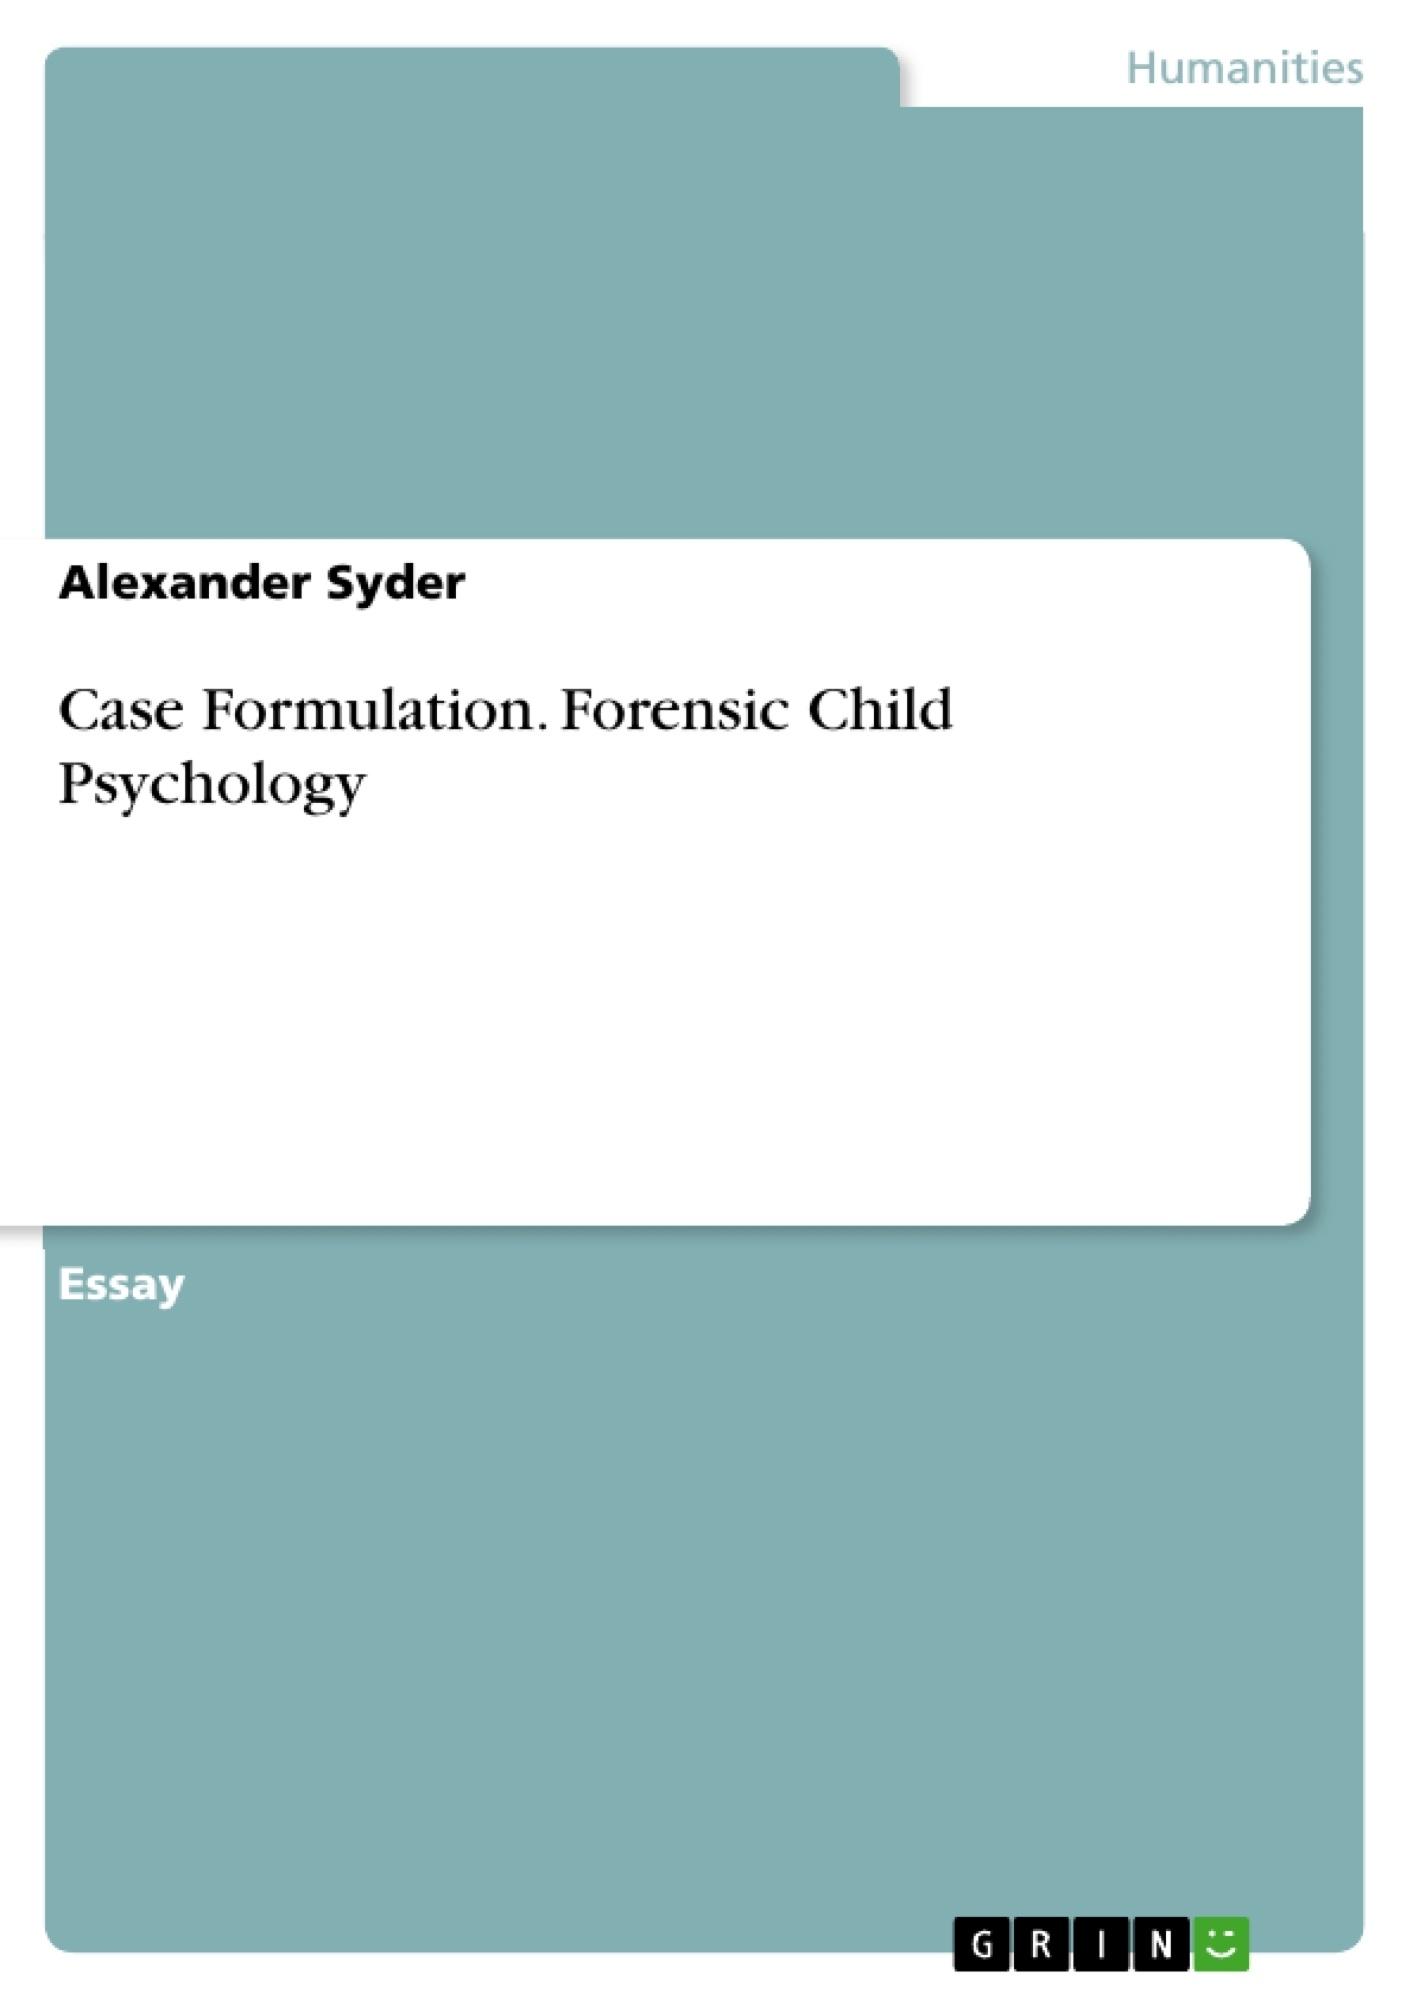 Title: Case Formulation. Forensic Child Psychology